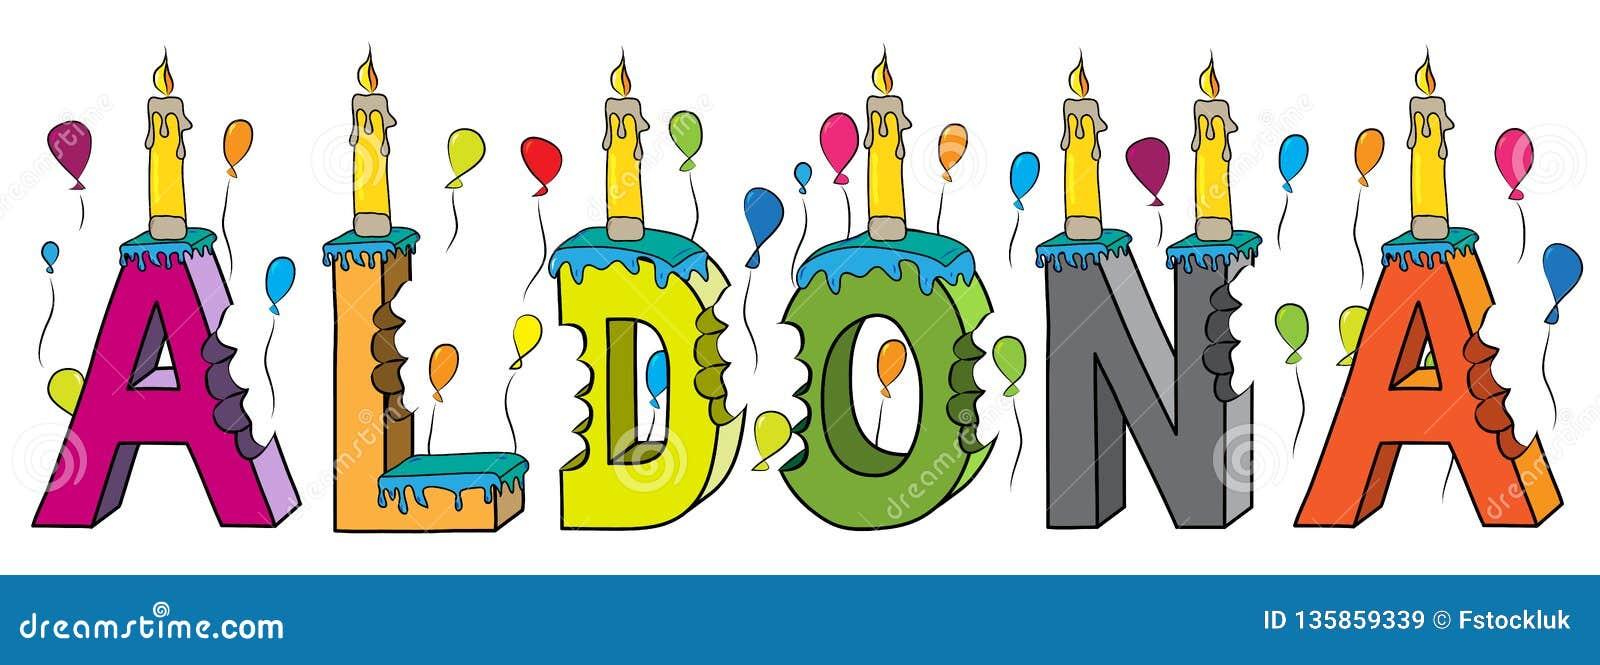 Aldona nome fêmea 3d colorido mordido que rotula o bolo de aniversário com velas e balões